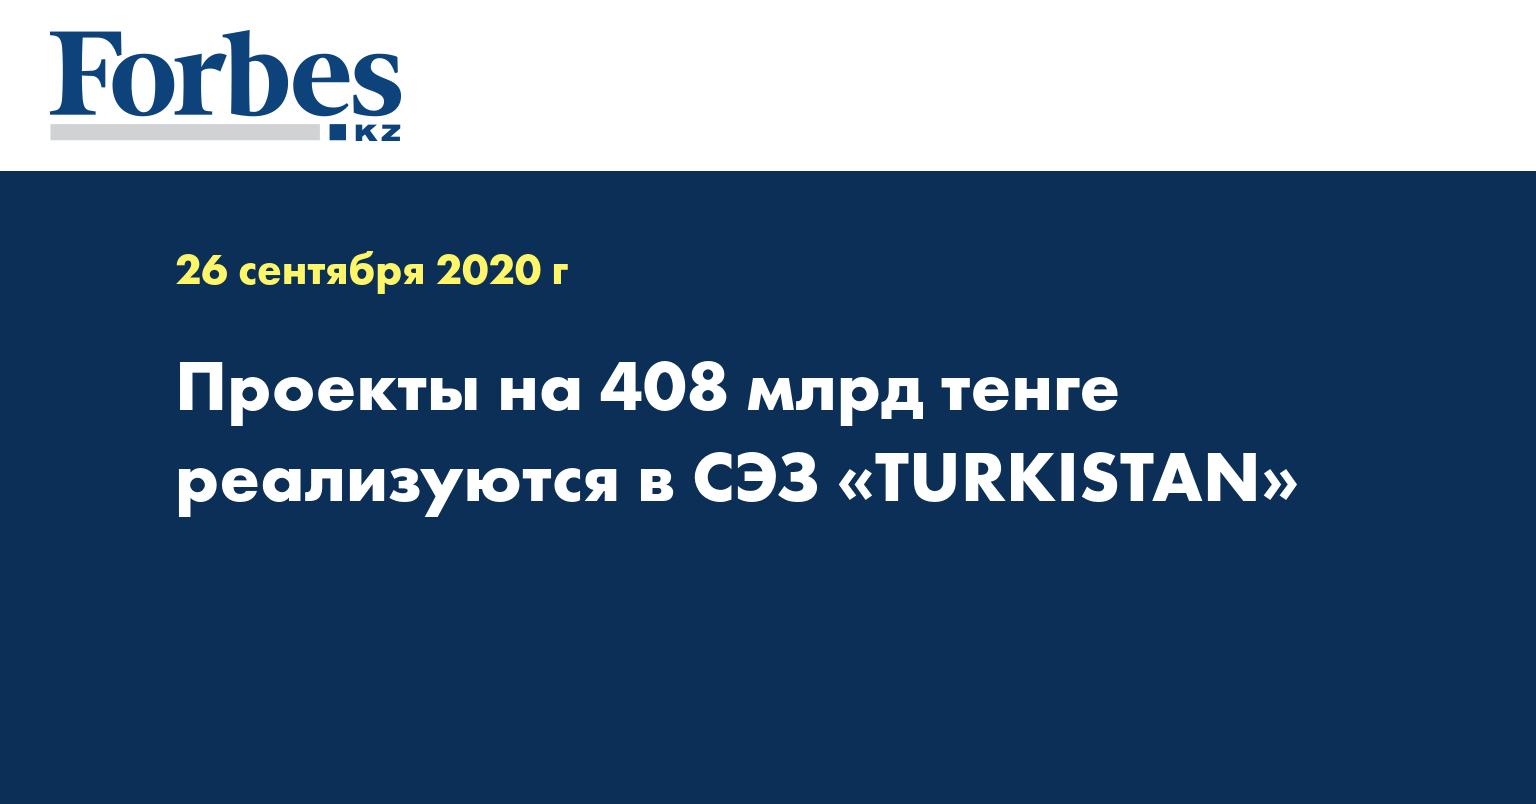 Проекты на 408 млрд тенге реализуются в СЭЗ «TURKISTAN»